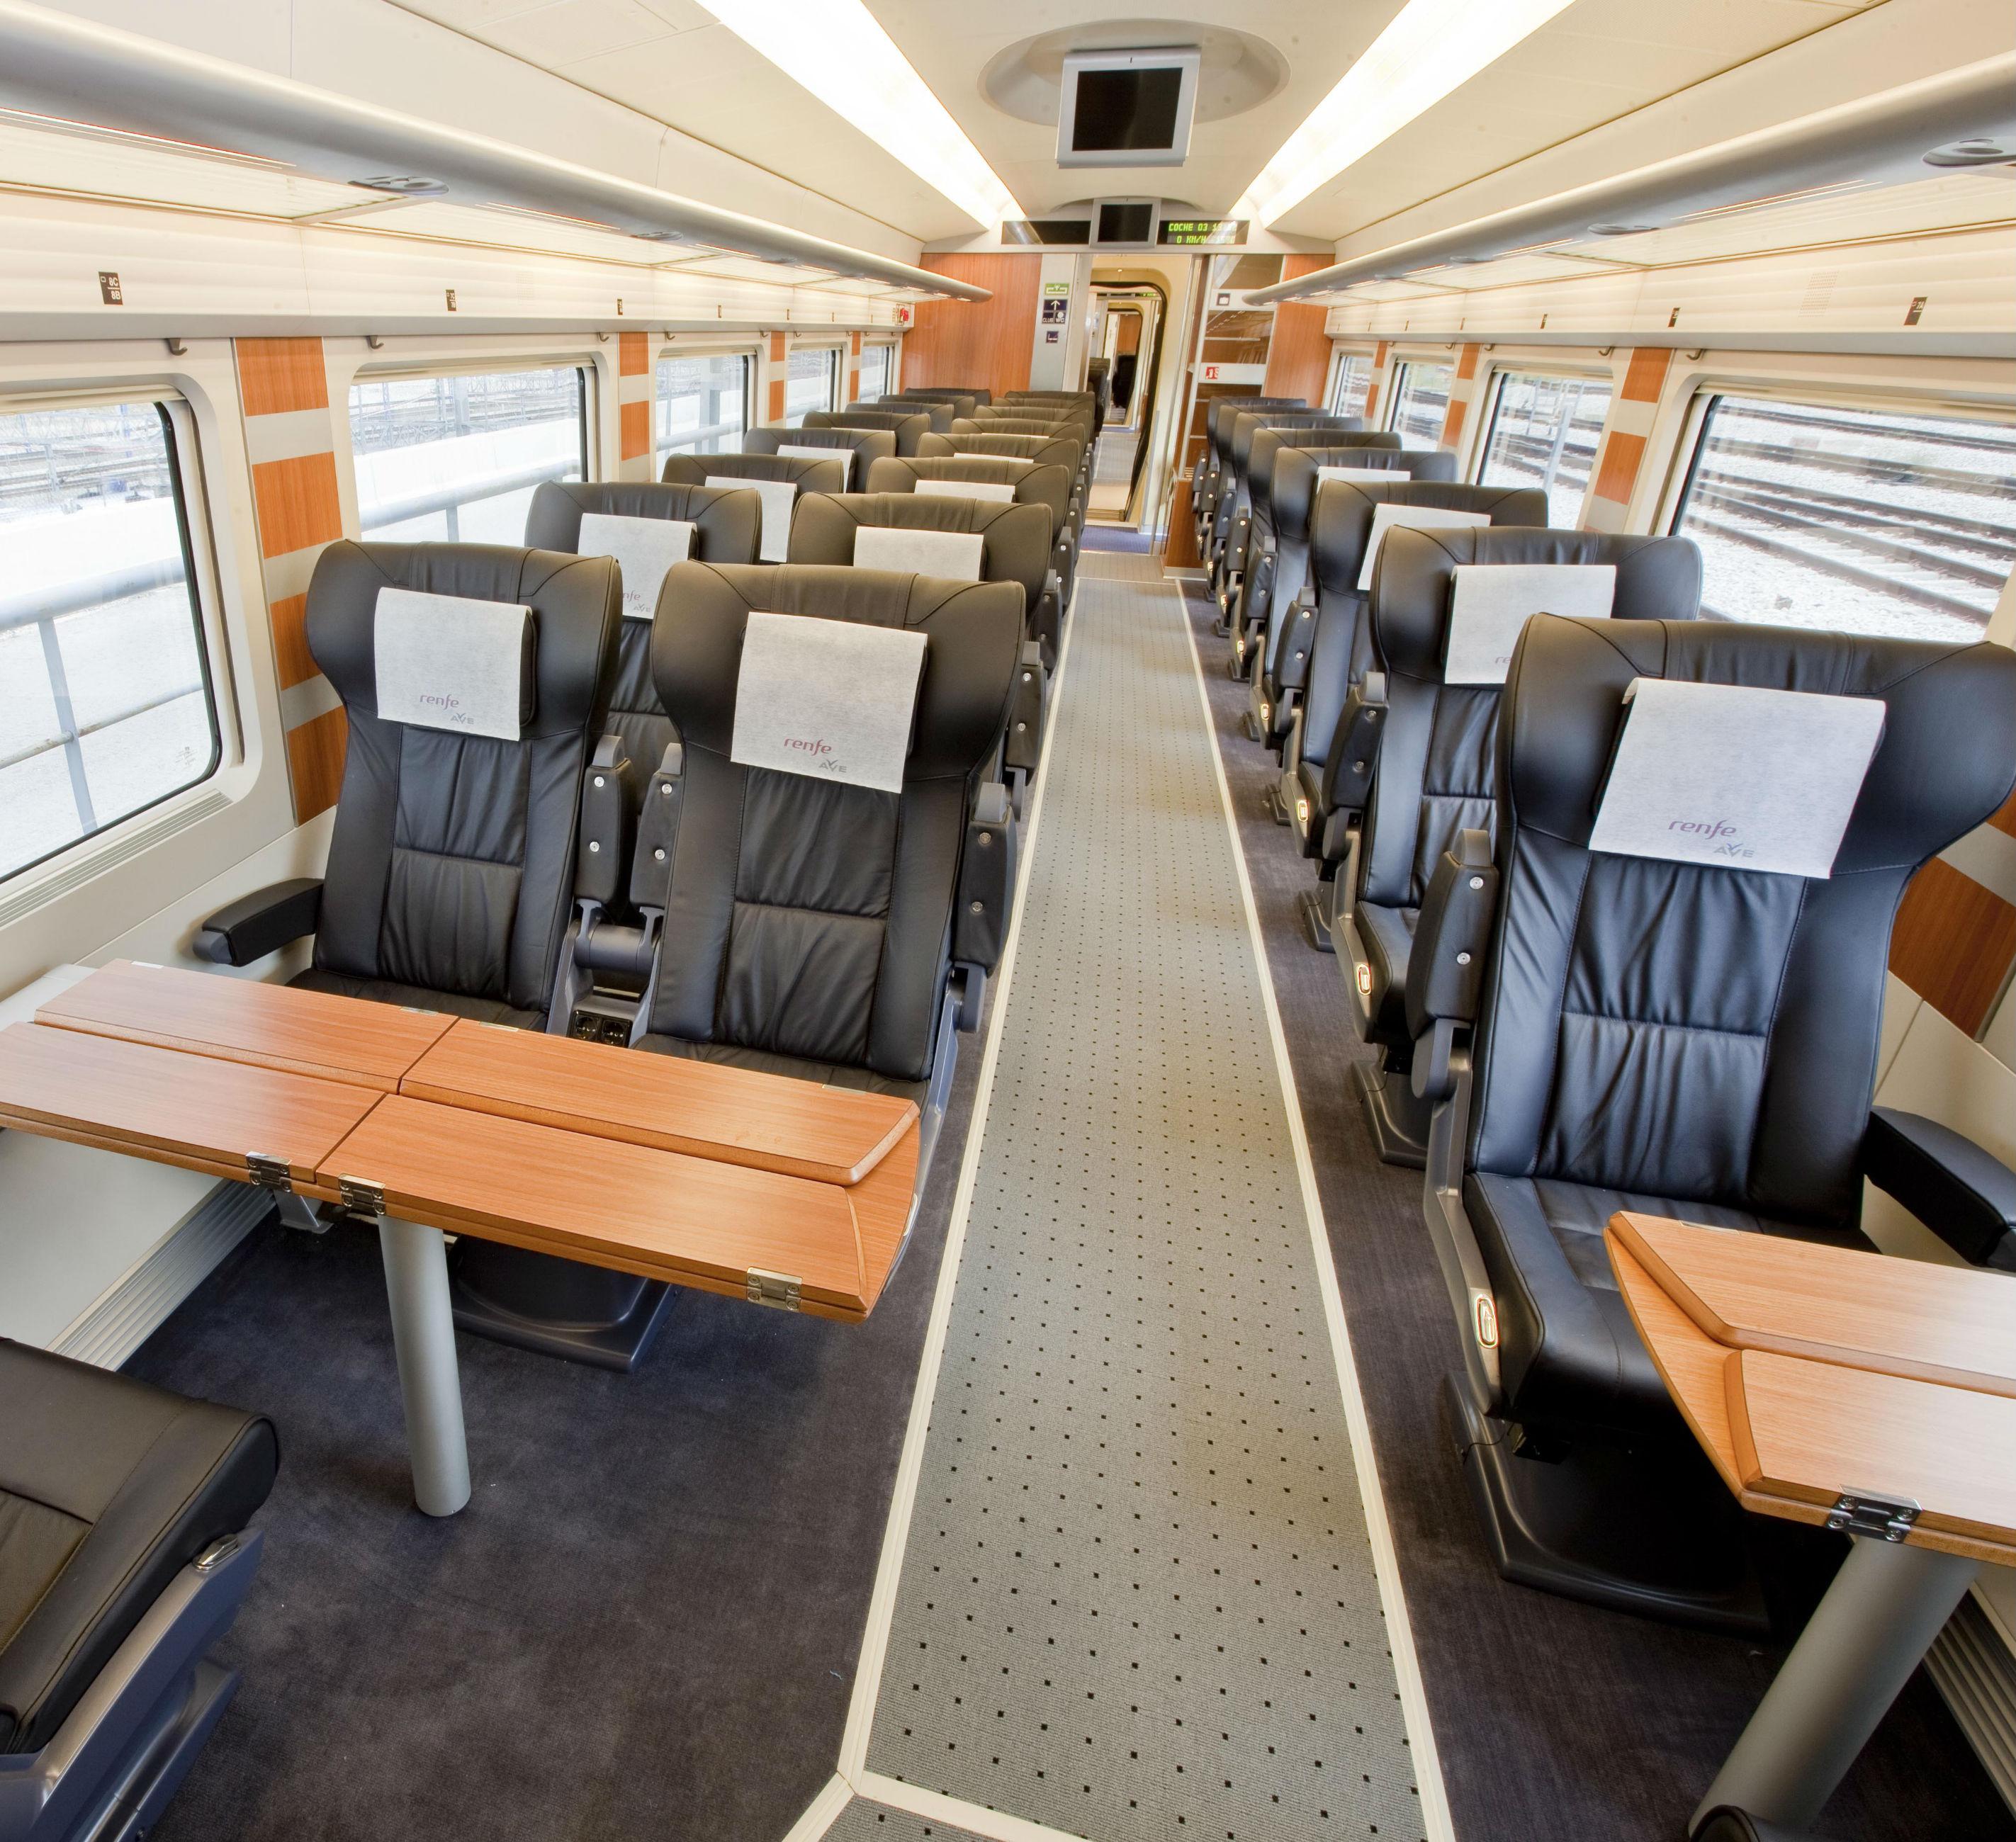 Empieza el viaje pasajeros al tren for Tarifa mesa ave